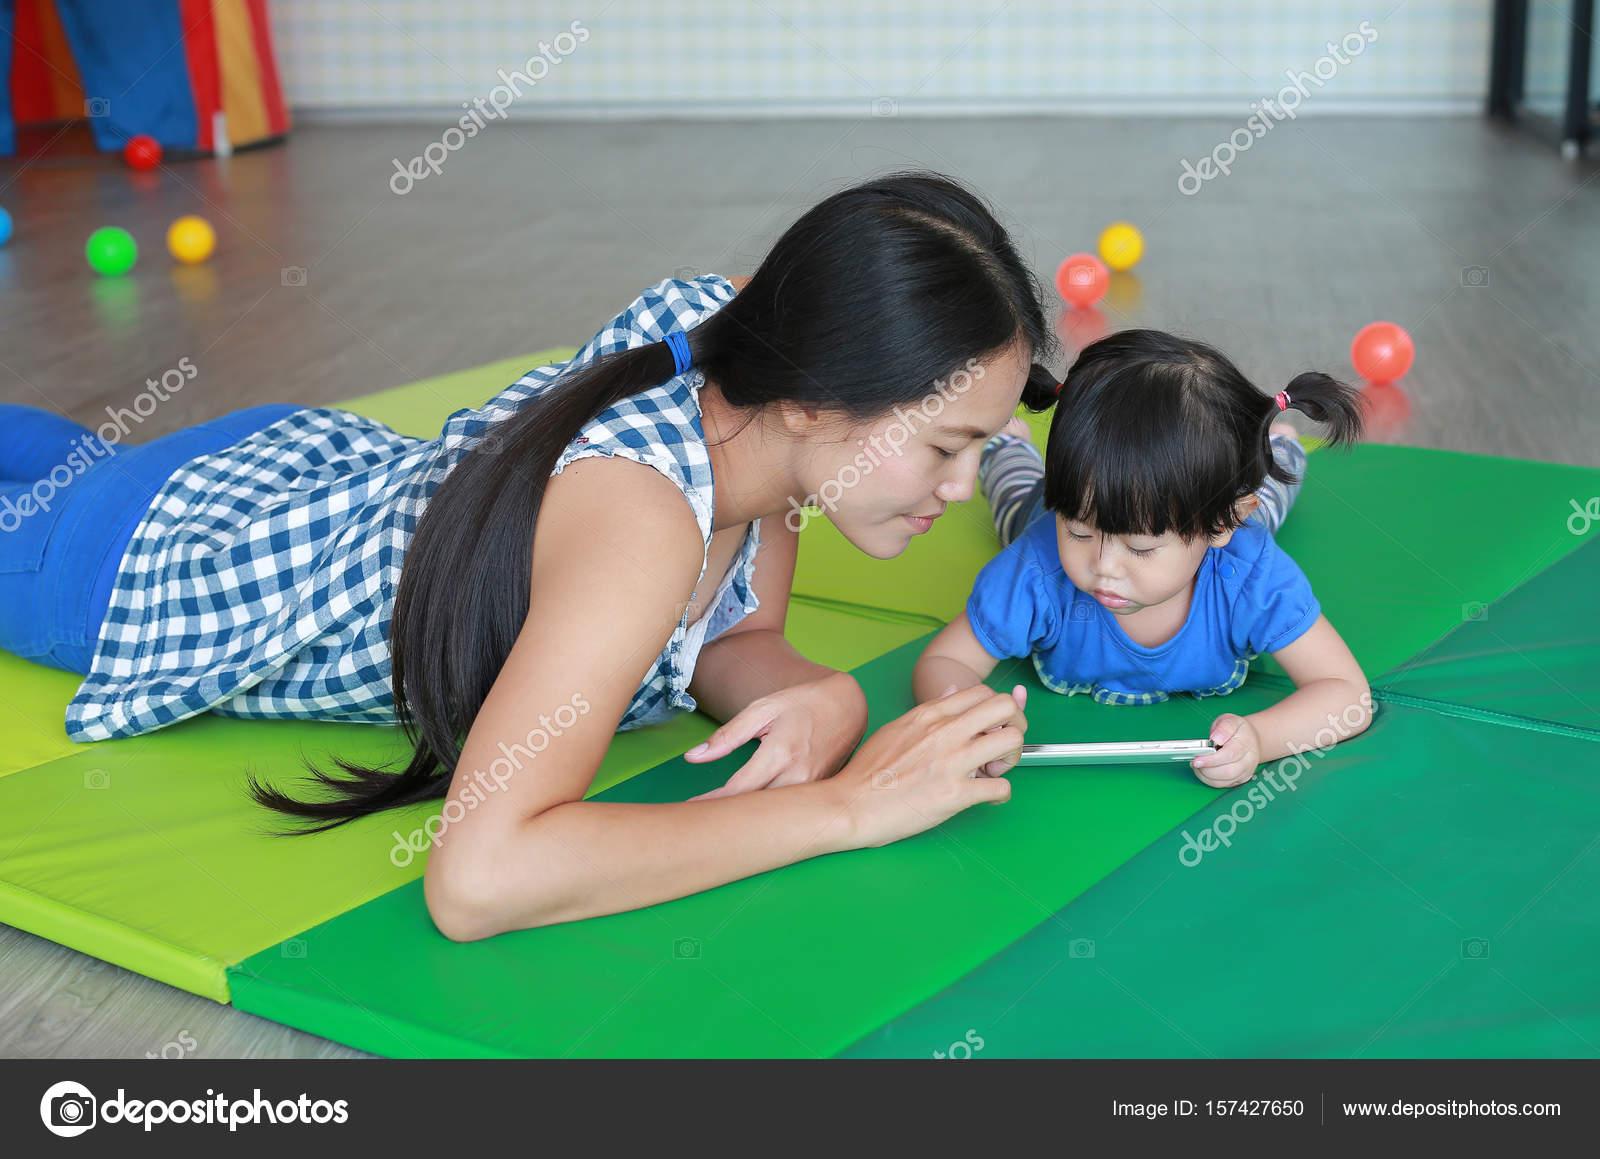 Çocuklarda Oyunlar Ve Beyin Gelişimi